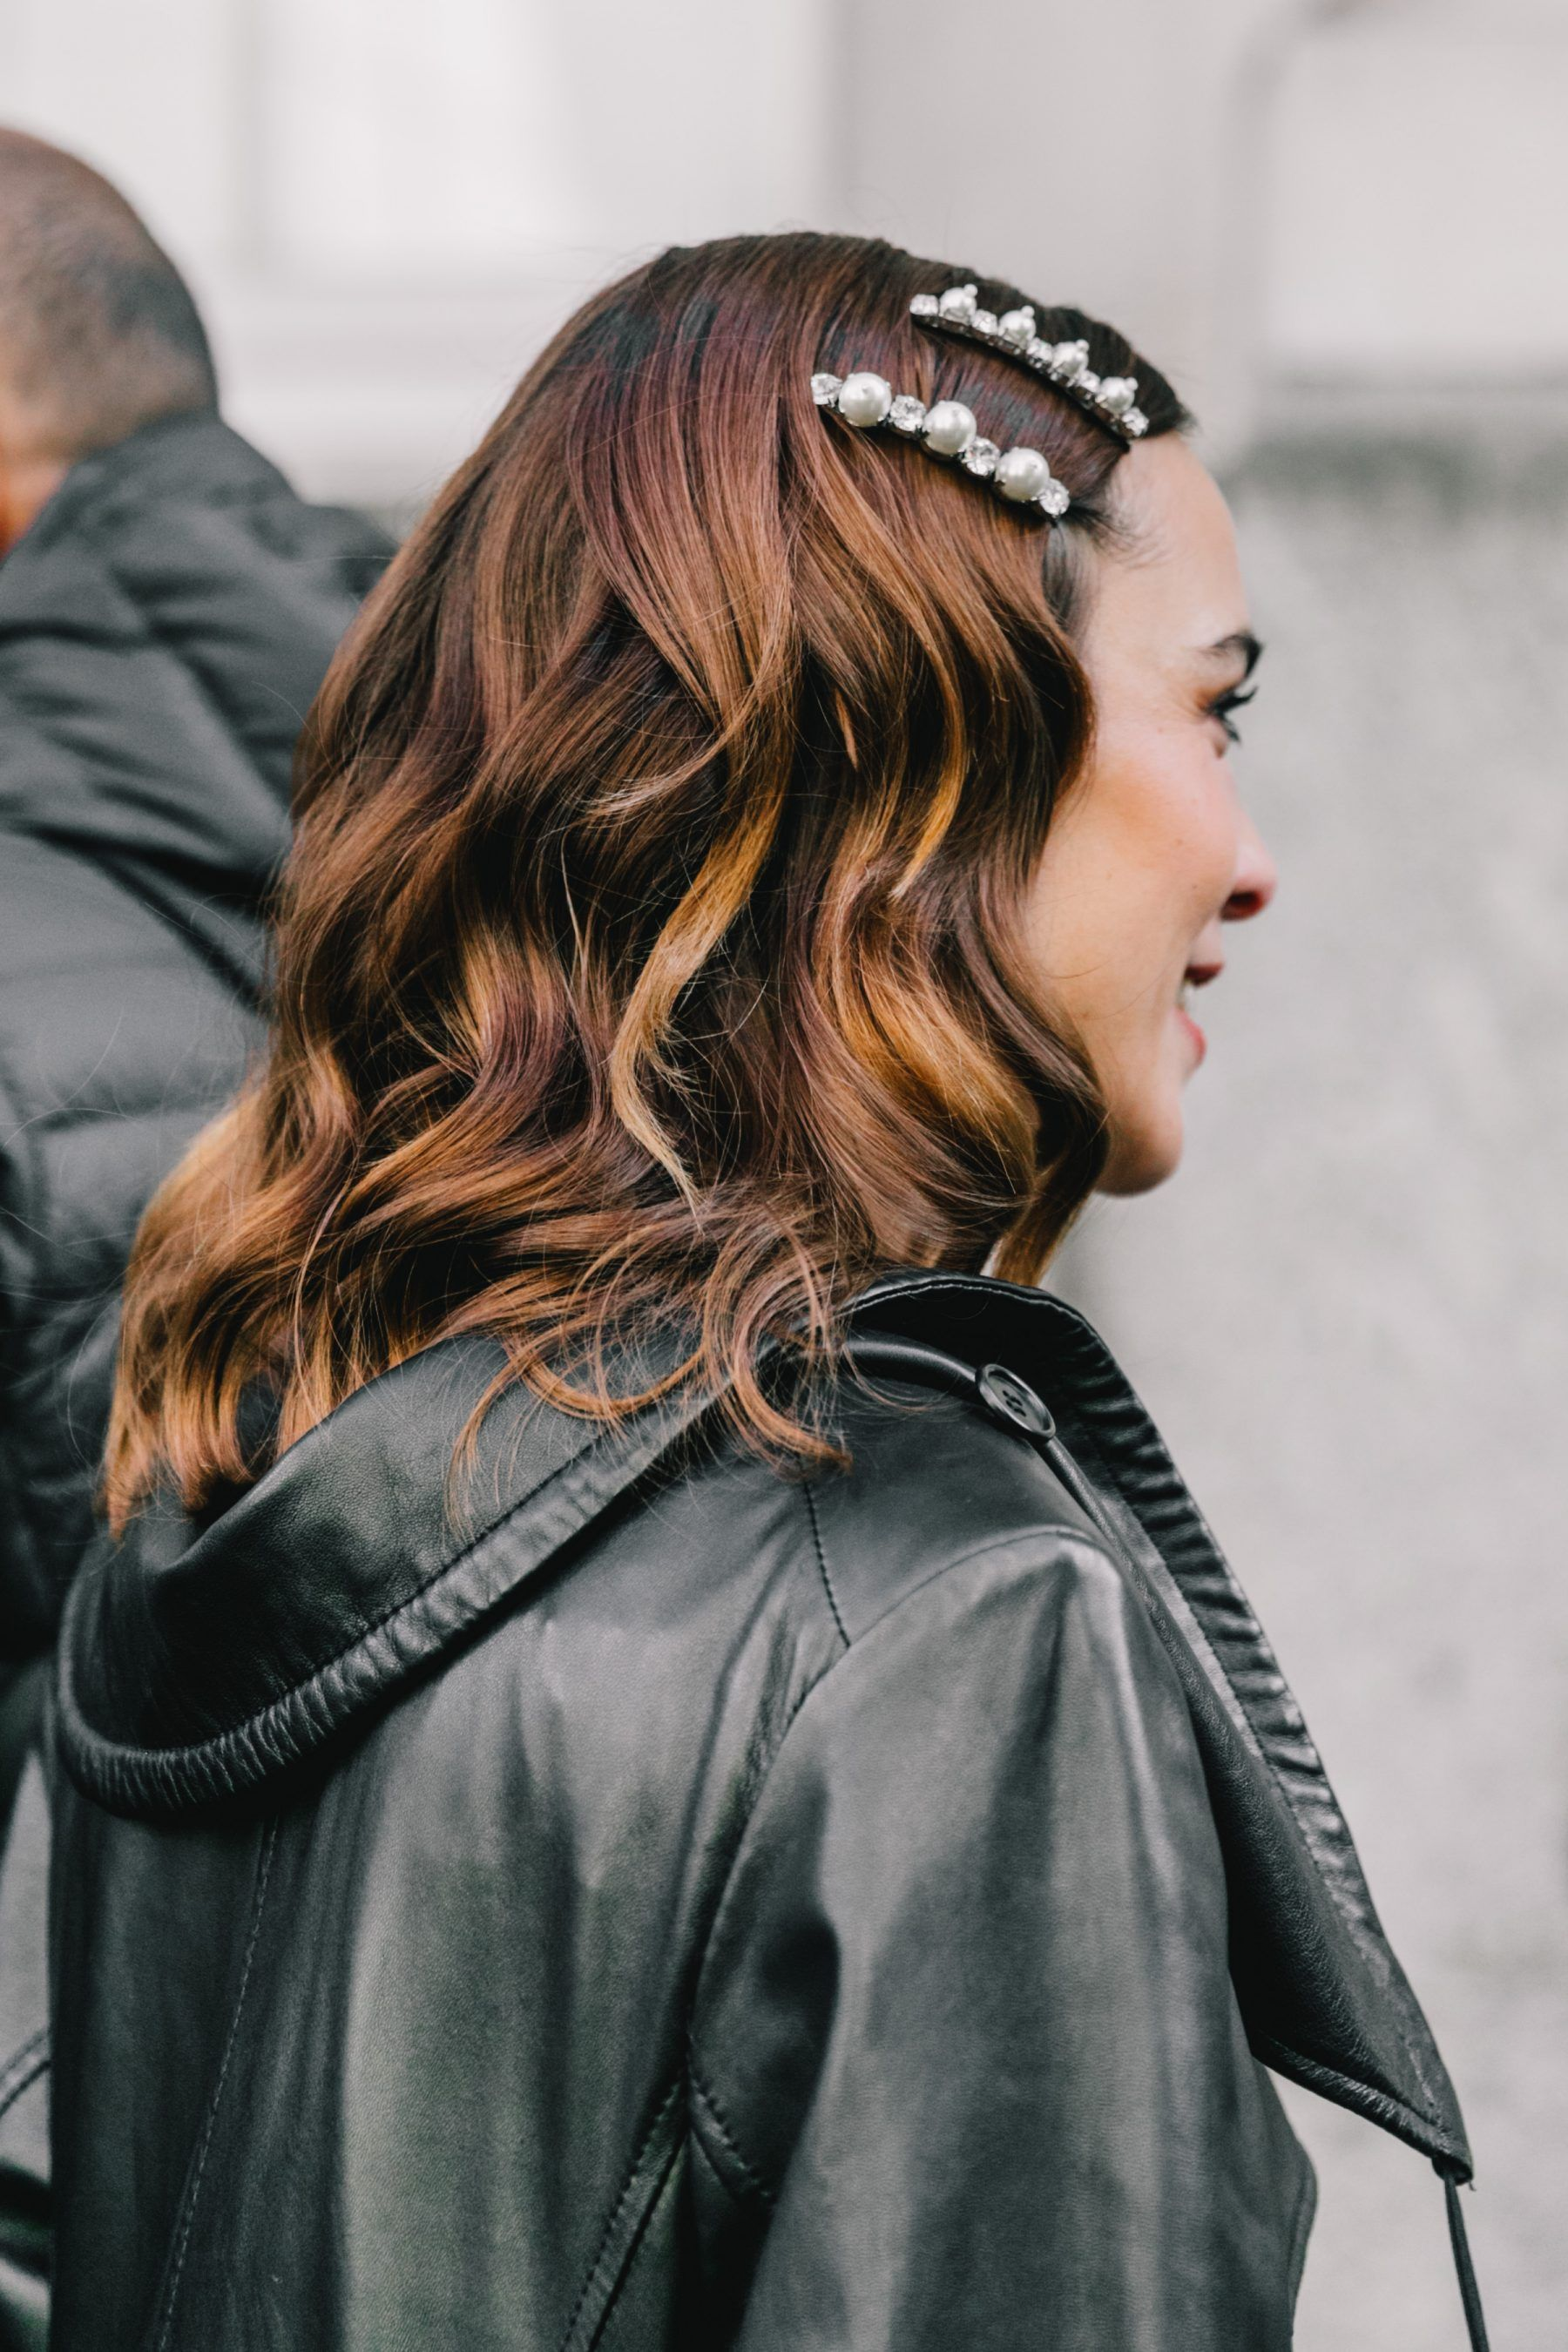 ELLE việt nam xu hướng phụ kiện kẹp tóc đẹp 1